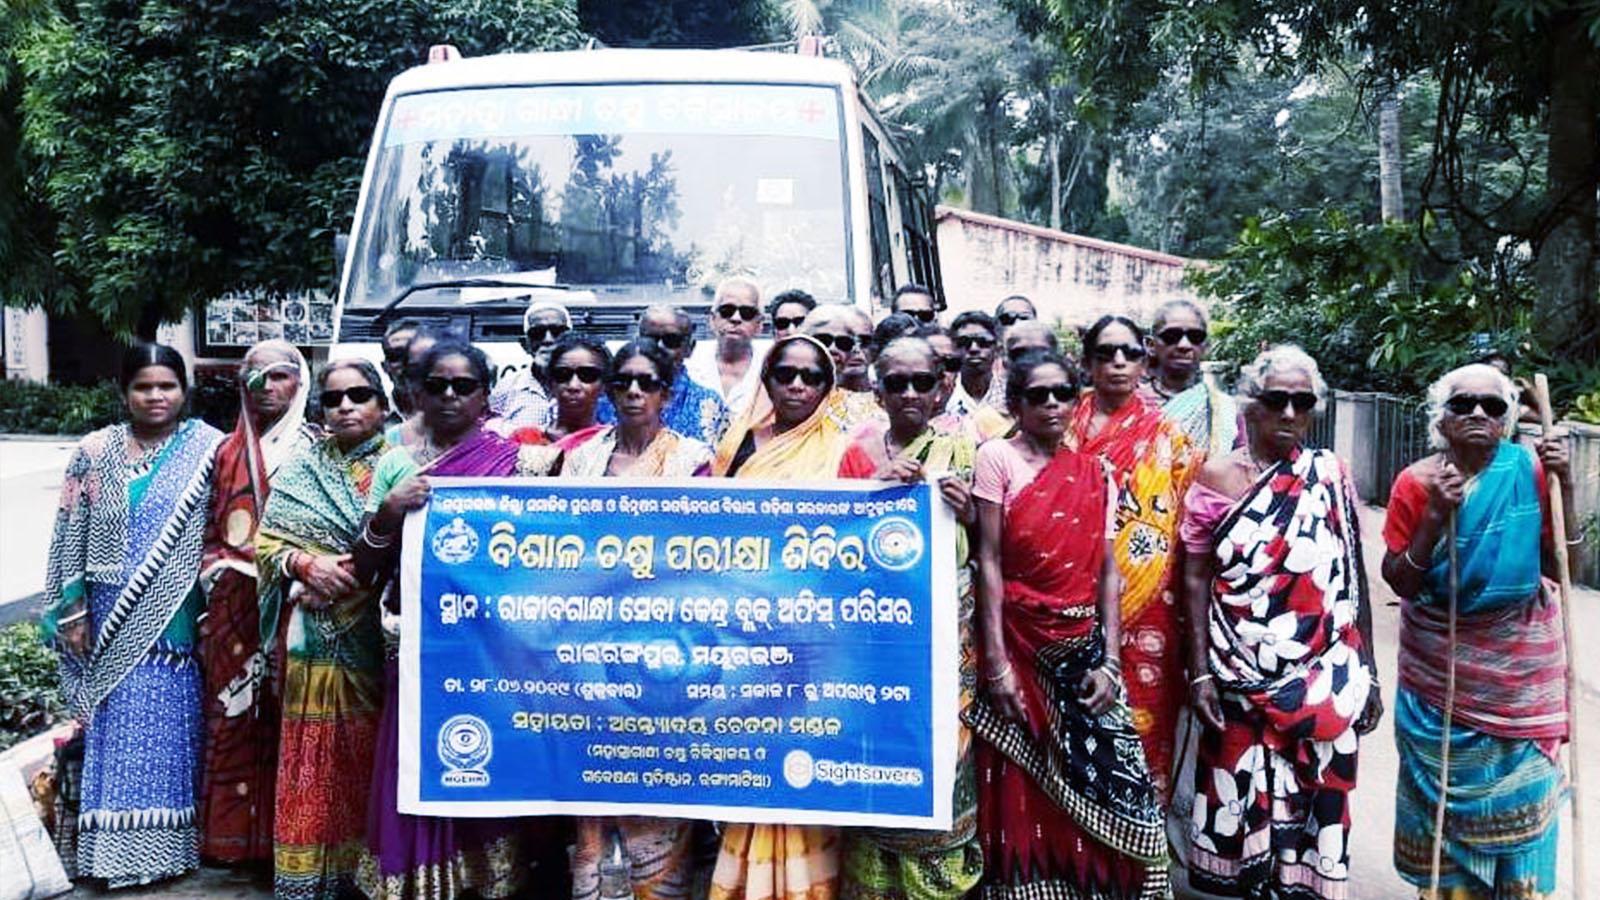 MGEHRI 1600x900 14 Outreach Camp - Rairangpur